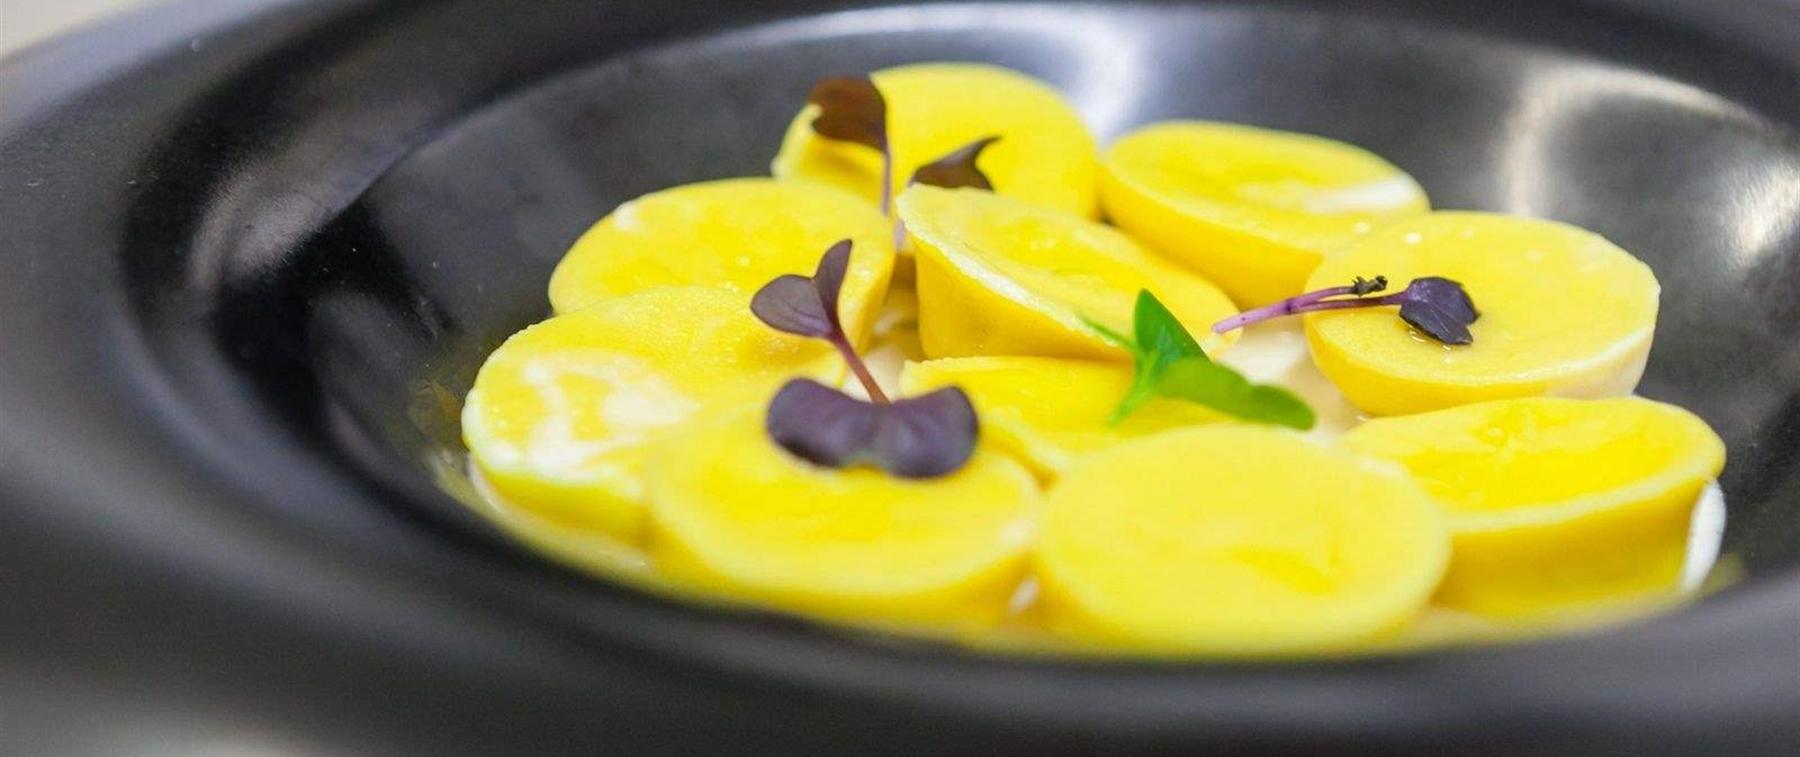 Yellow pasta dish